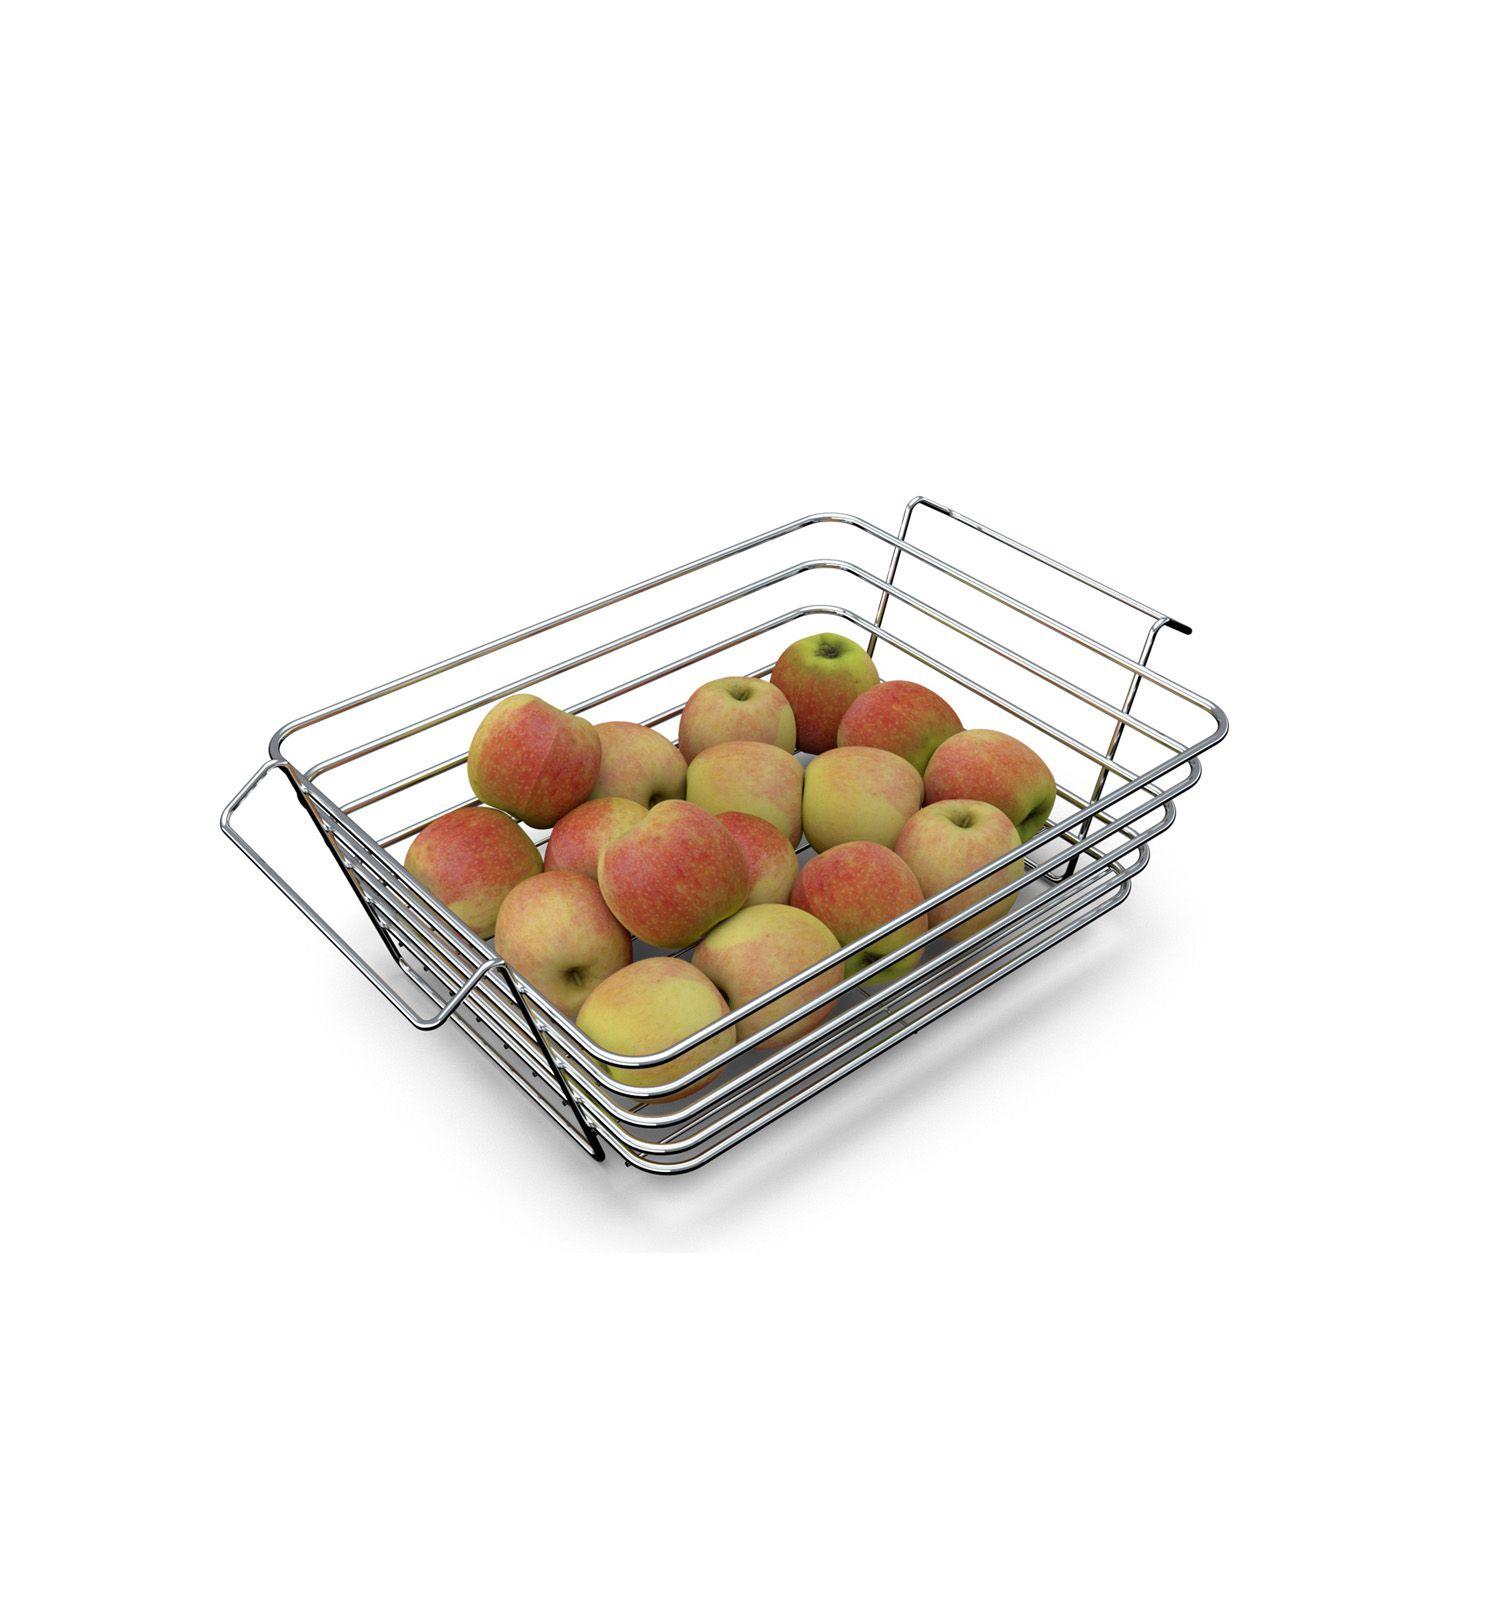 Fruteira / Cesto organizador